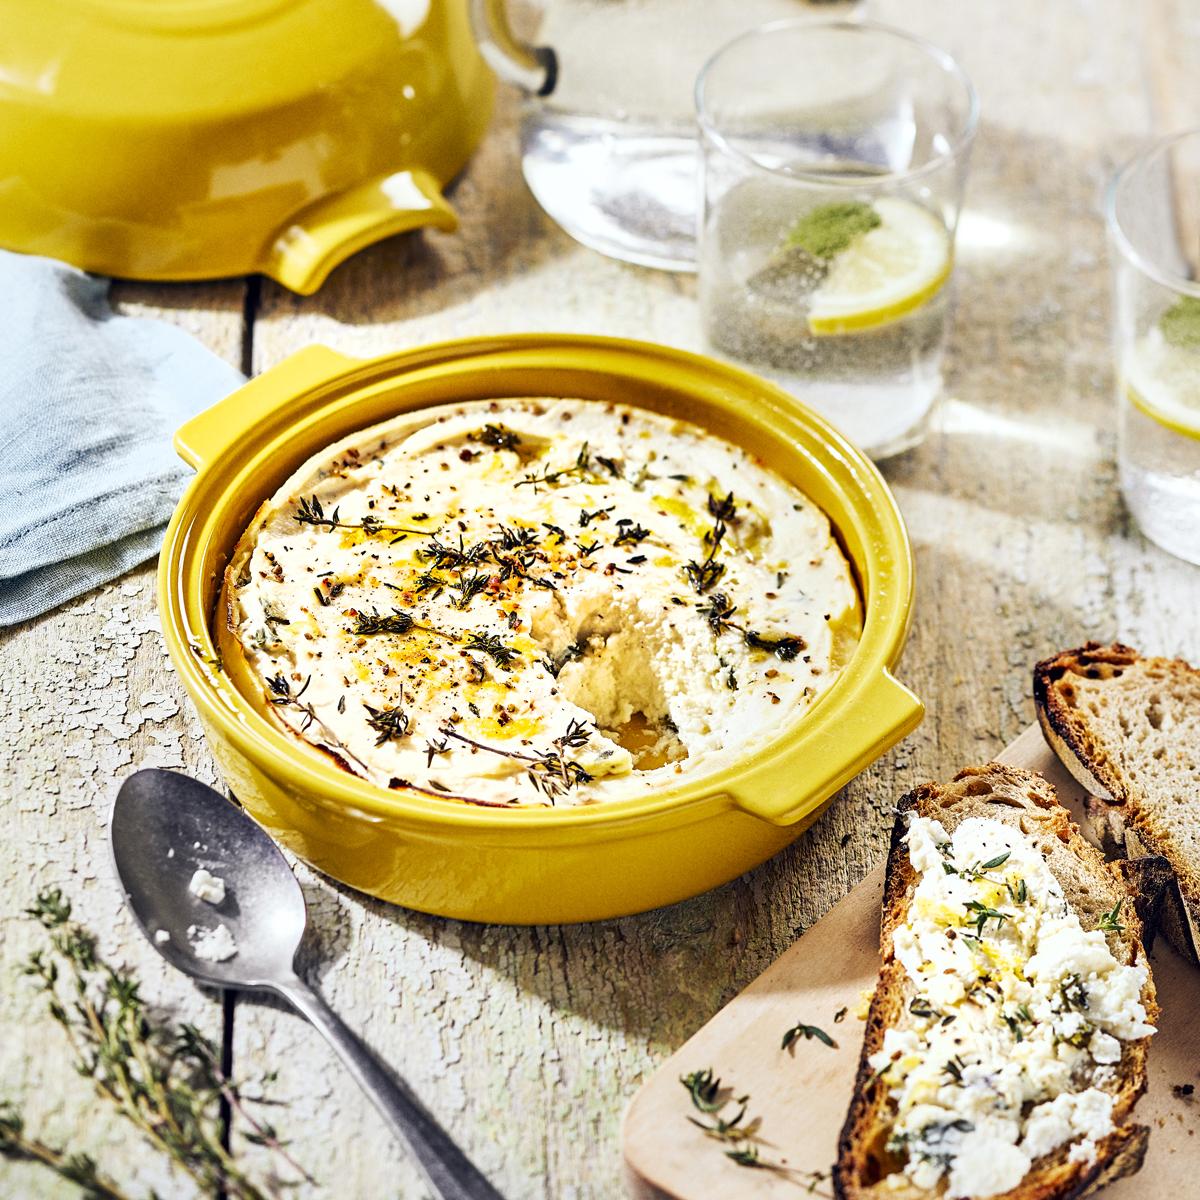 A forma para gratinar Emile Henry é ideal para preparar queijos para serem servidos quentes.